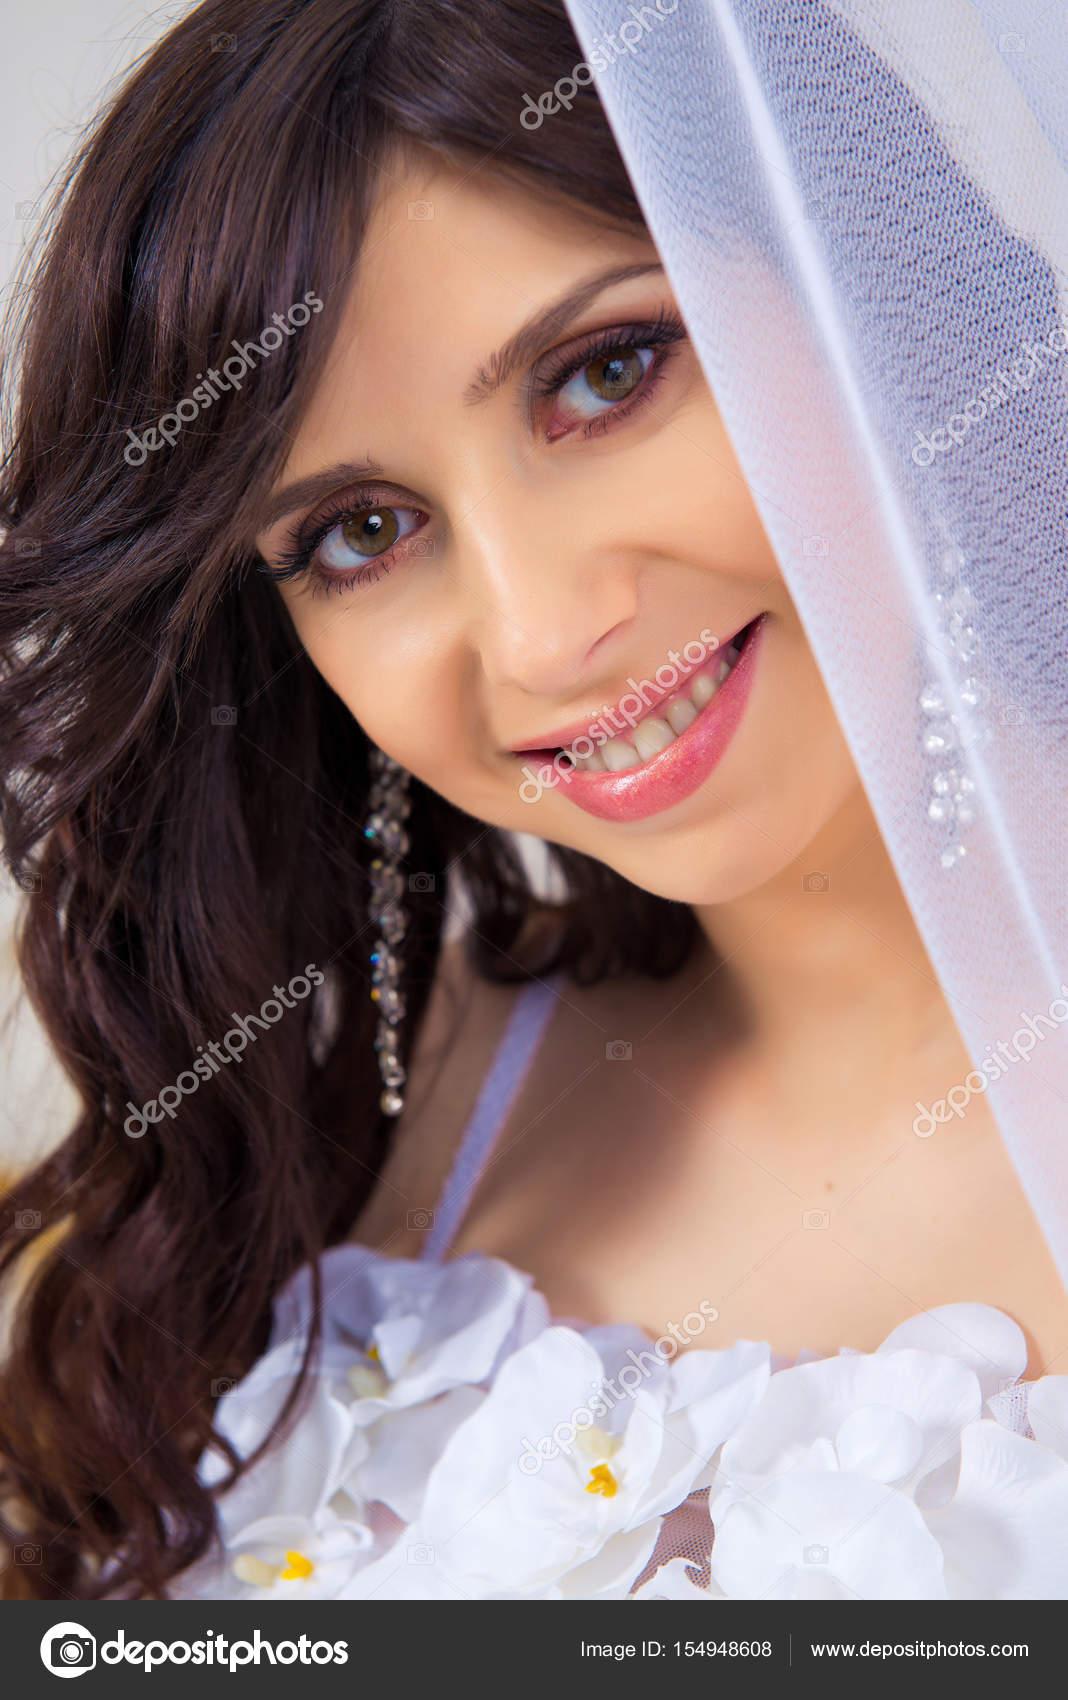 85b3fa4e3132 Красивая девушка в платье с вырезом портрет крупным планом ...